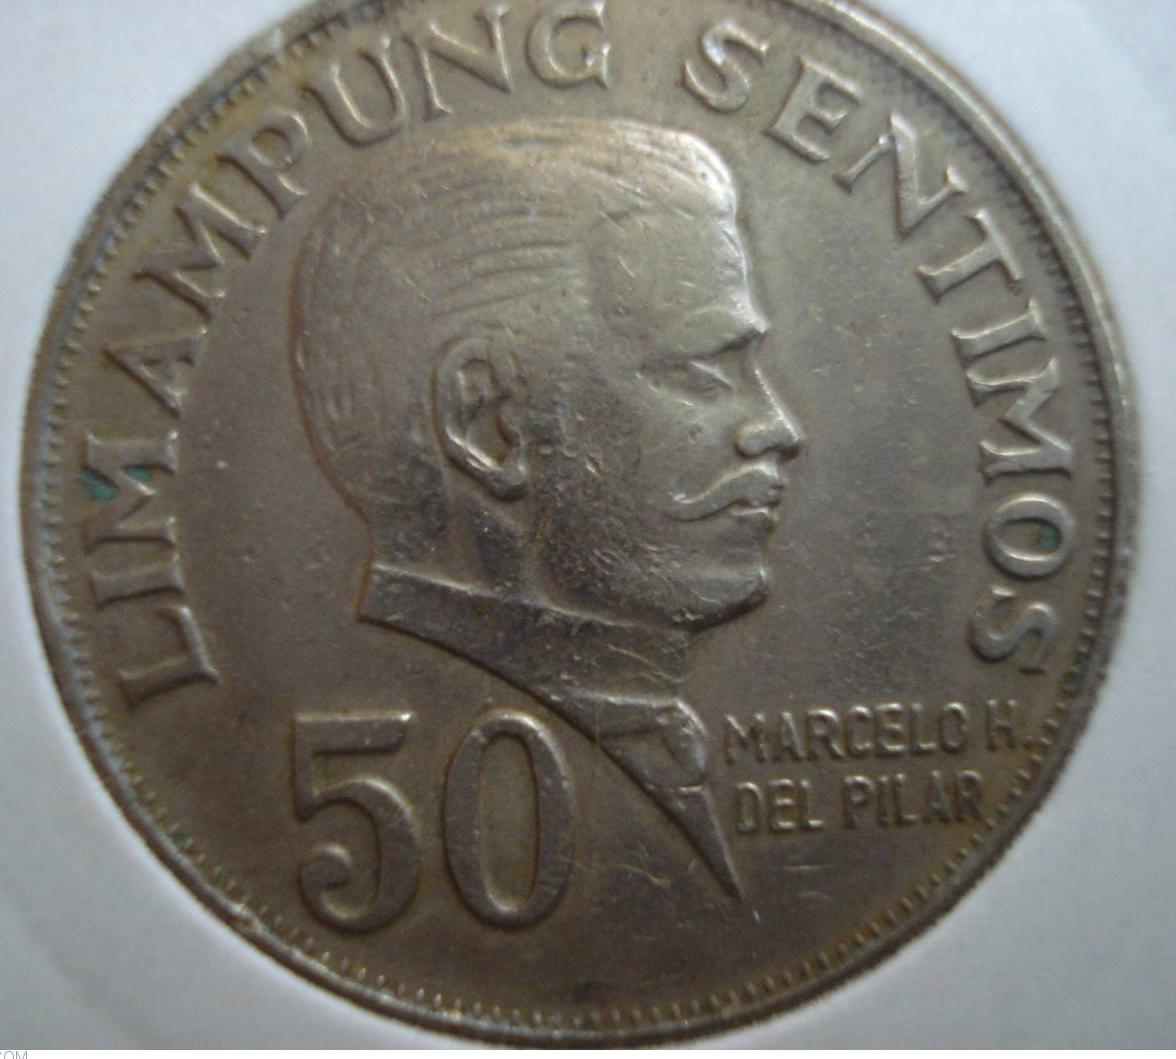 1972 philippine coin